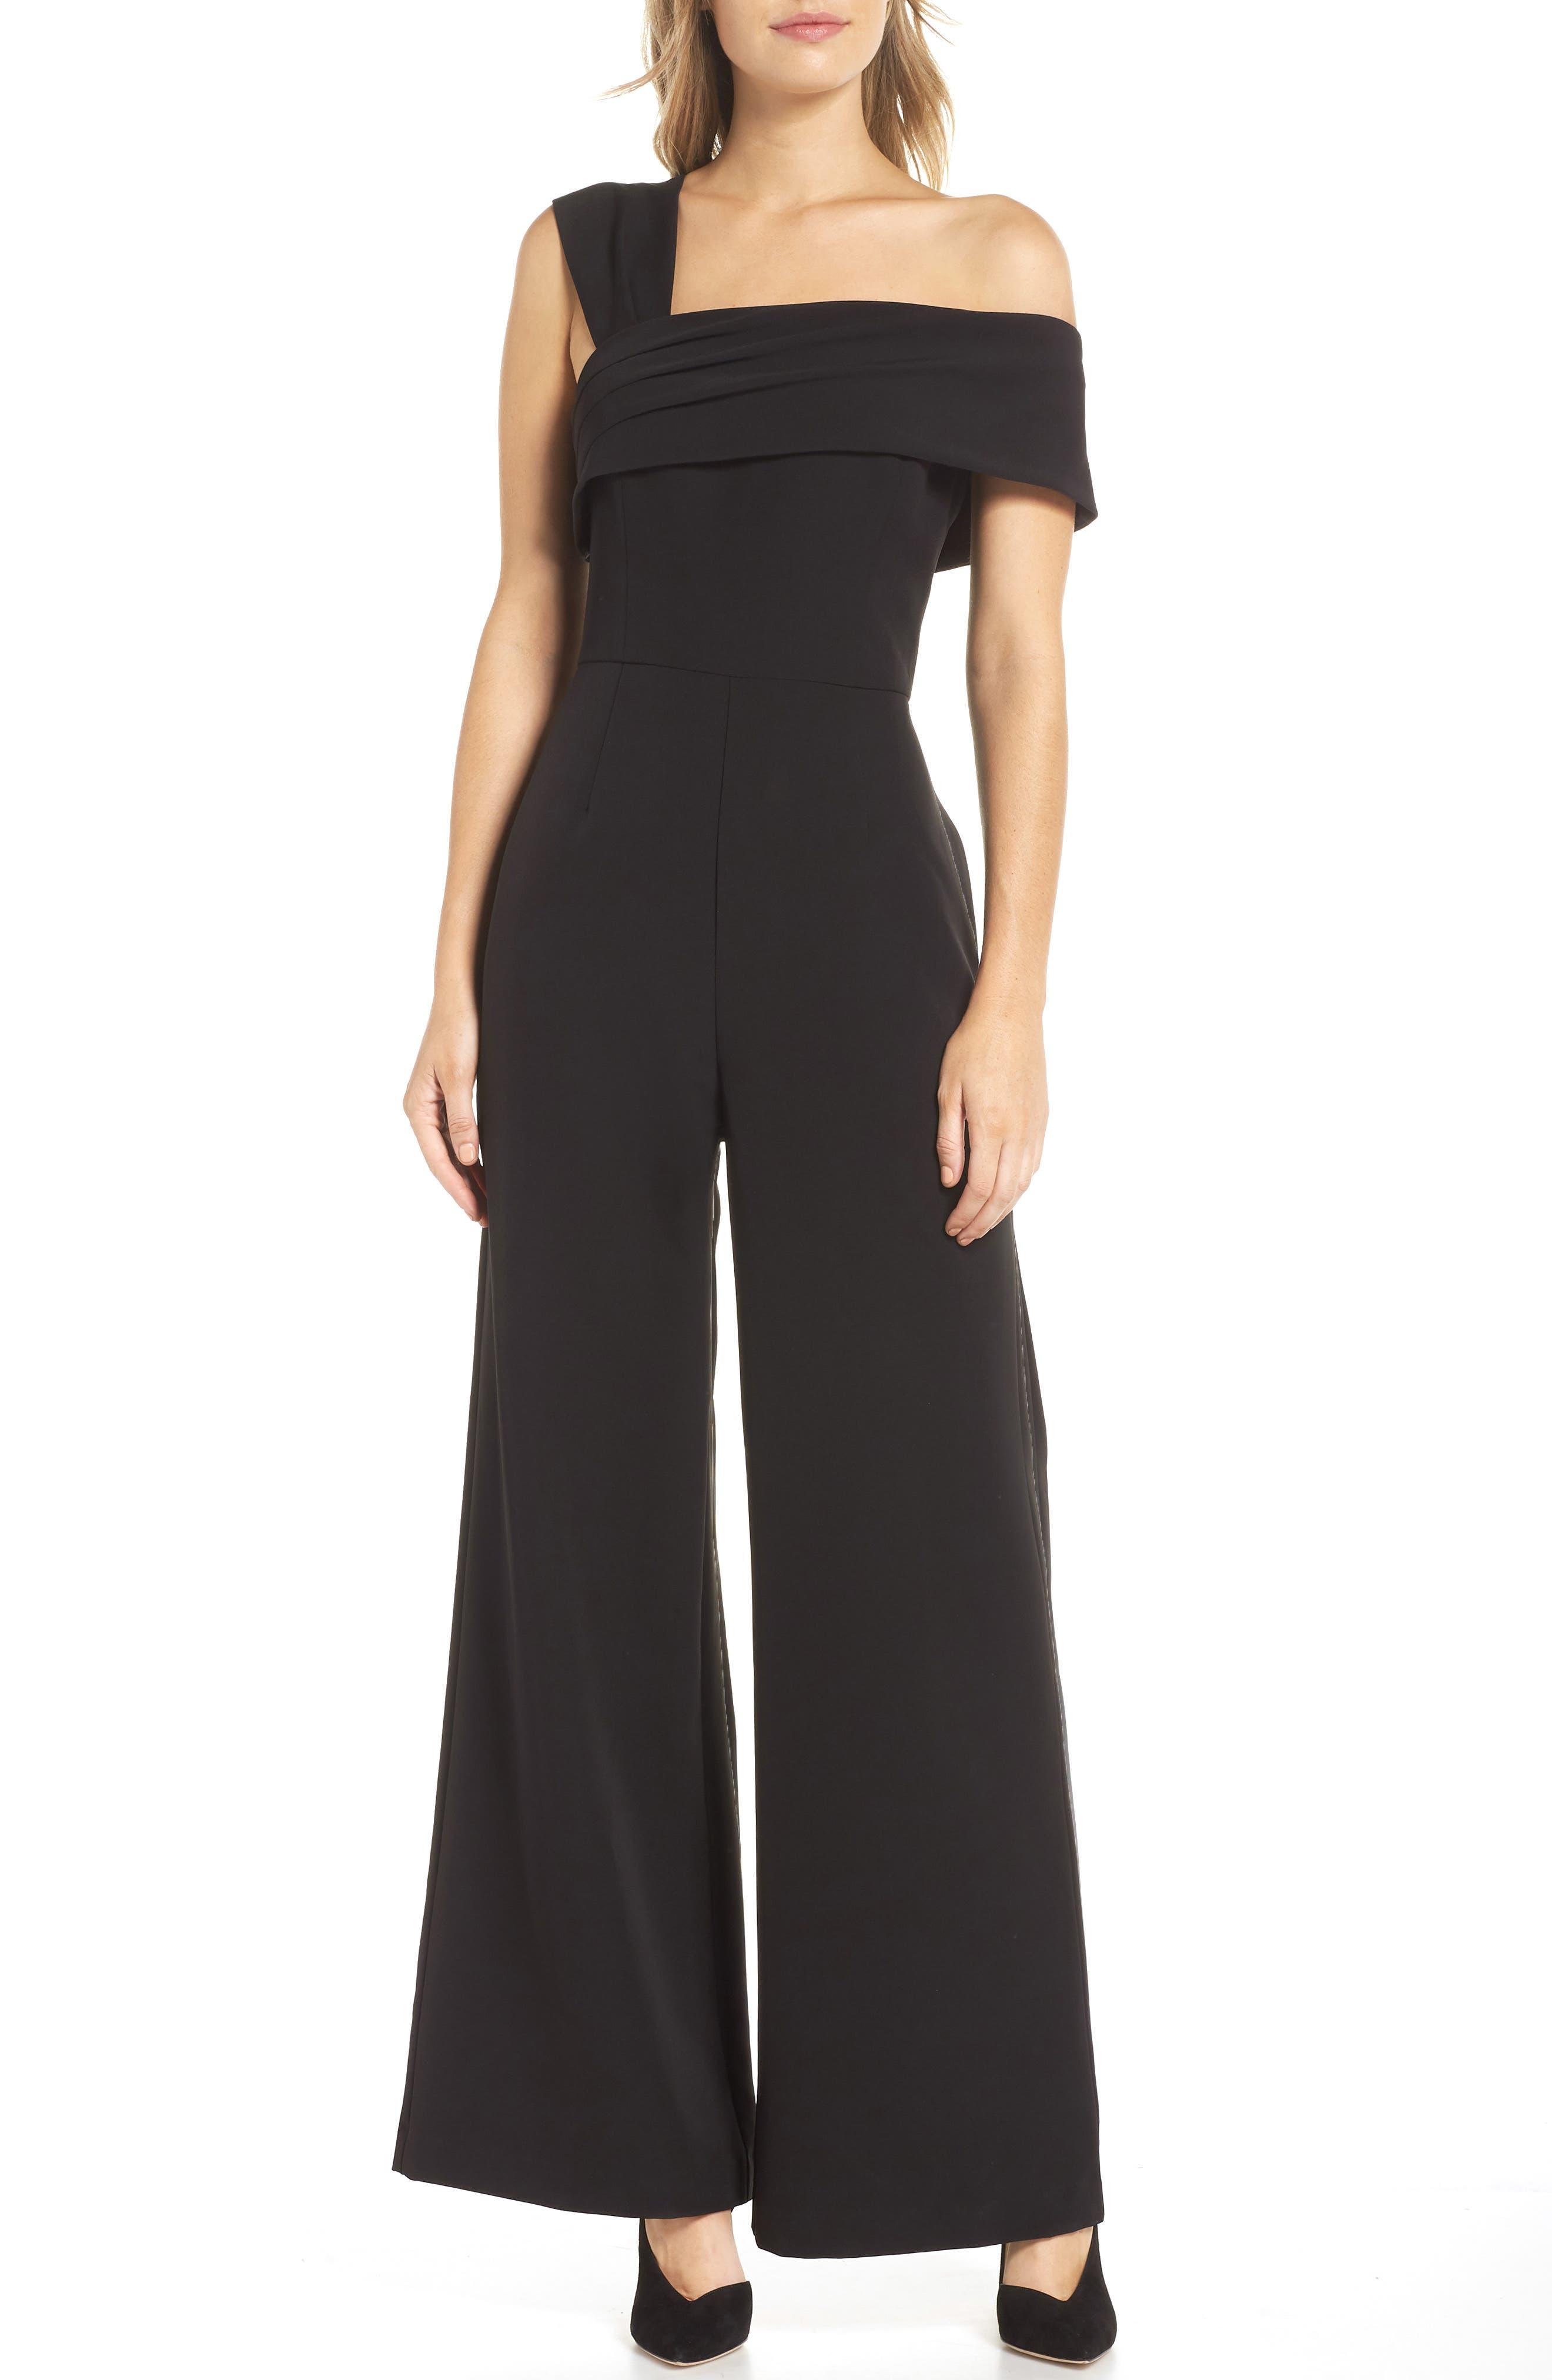 ELIZA J, Asymmetrical Neckline Jumpsuit, Main thumbnail 1, color, BLACK